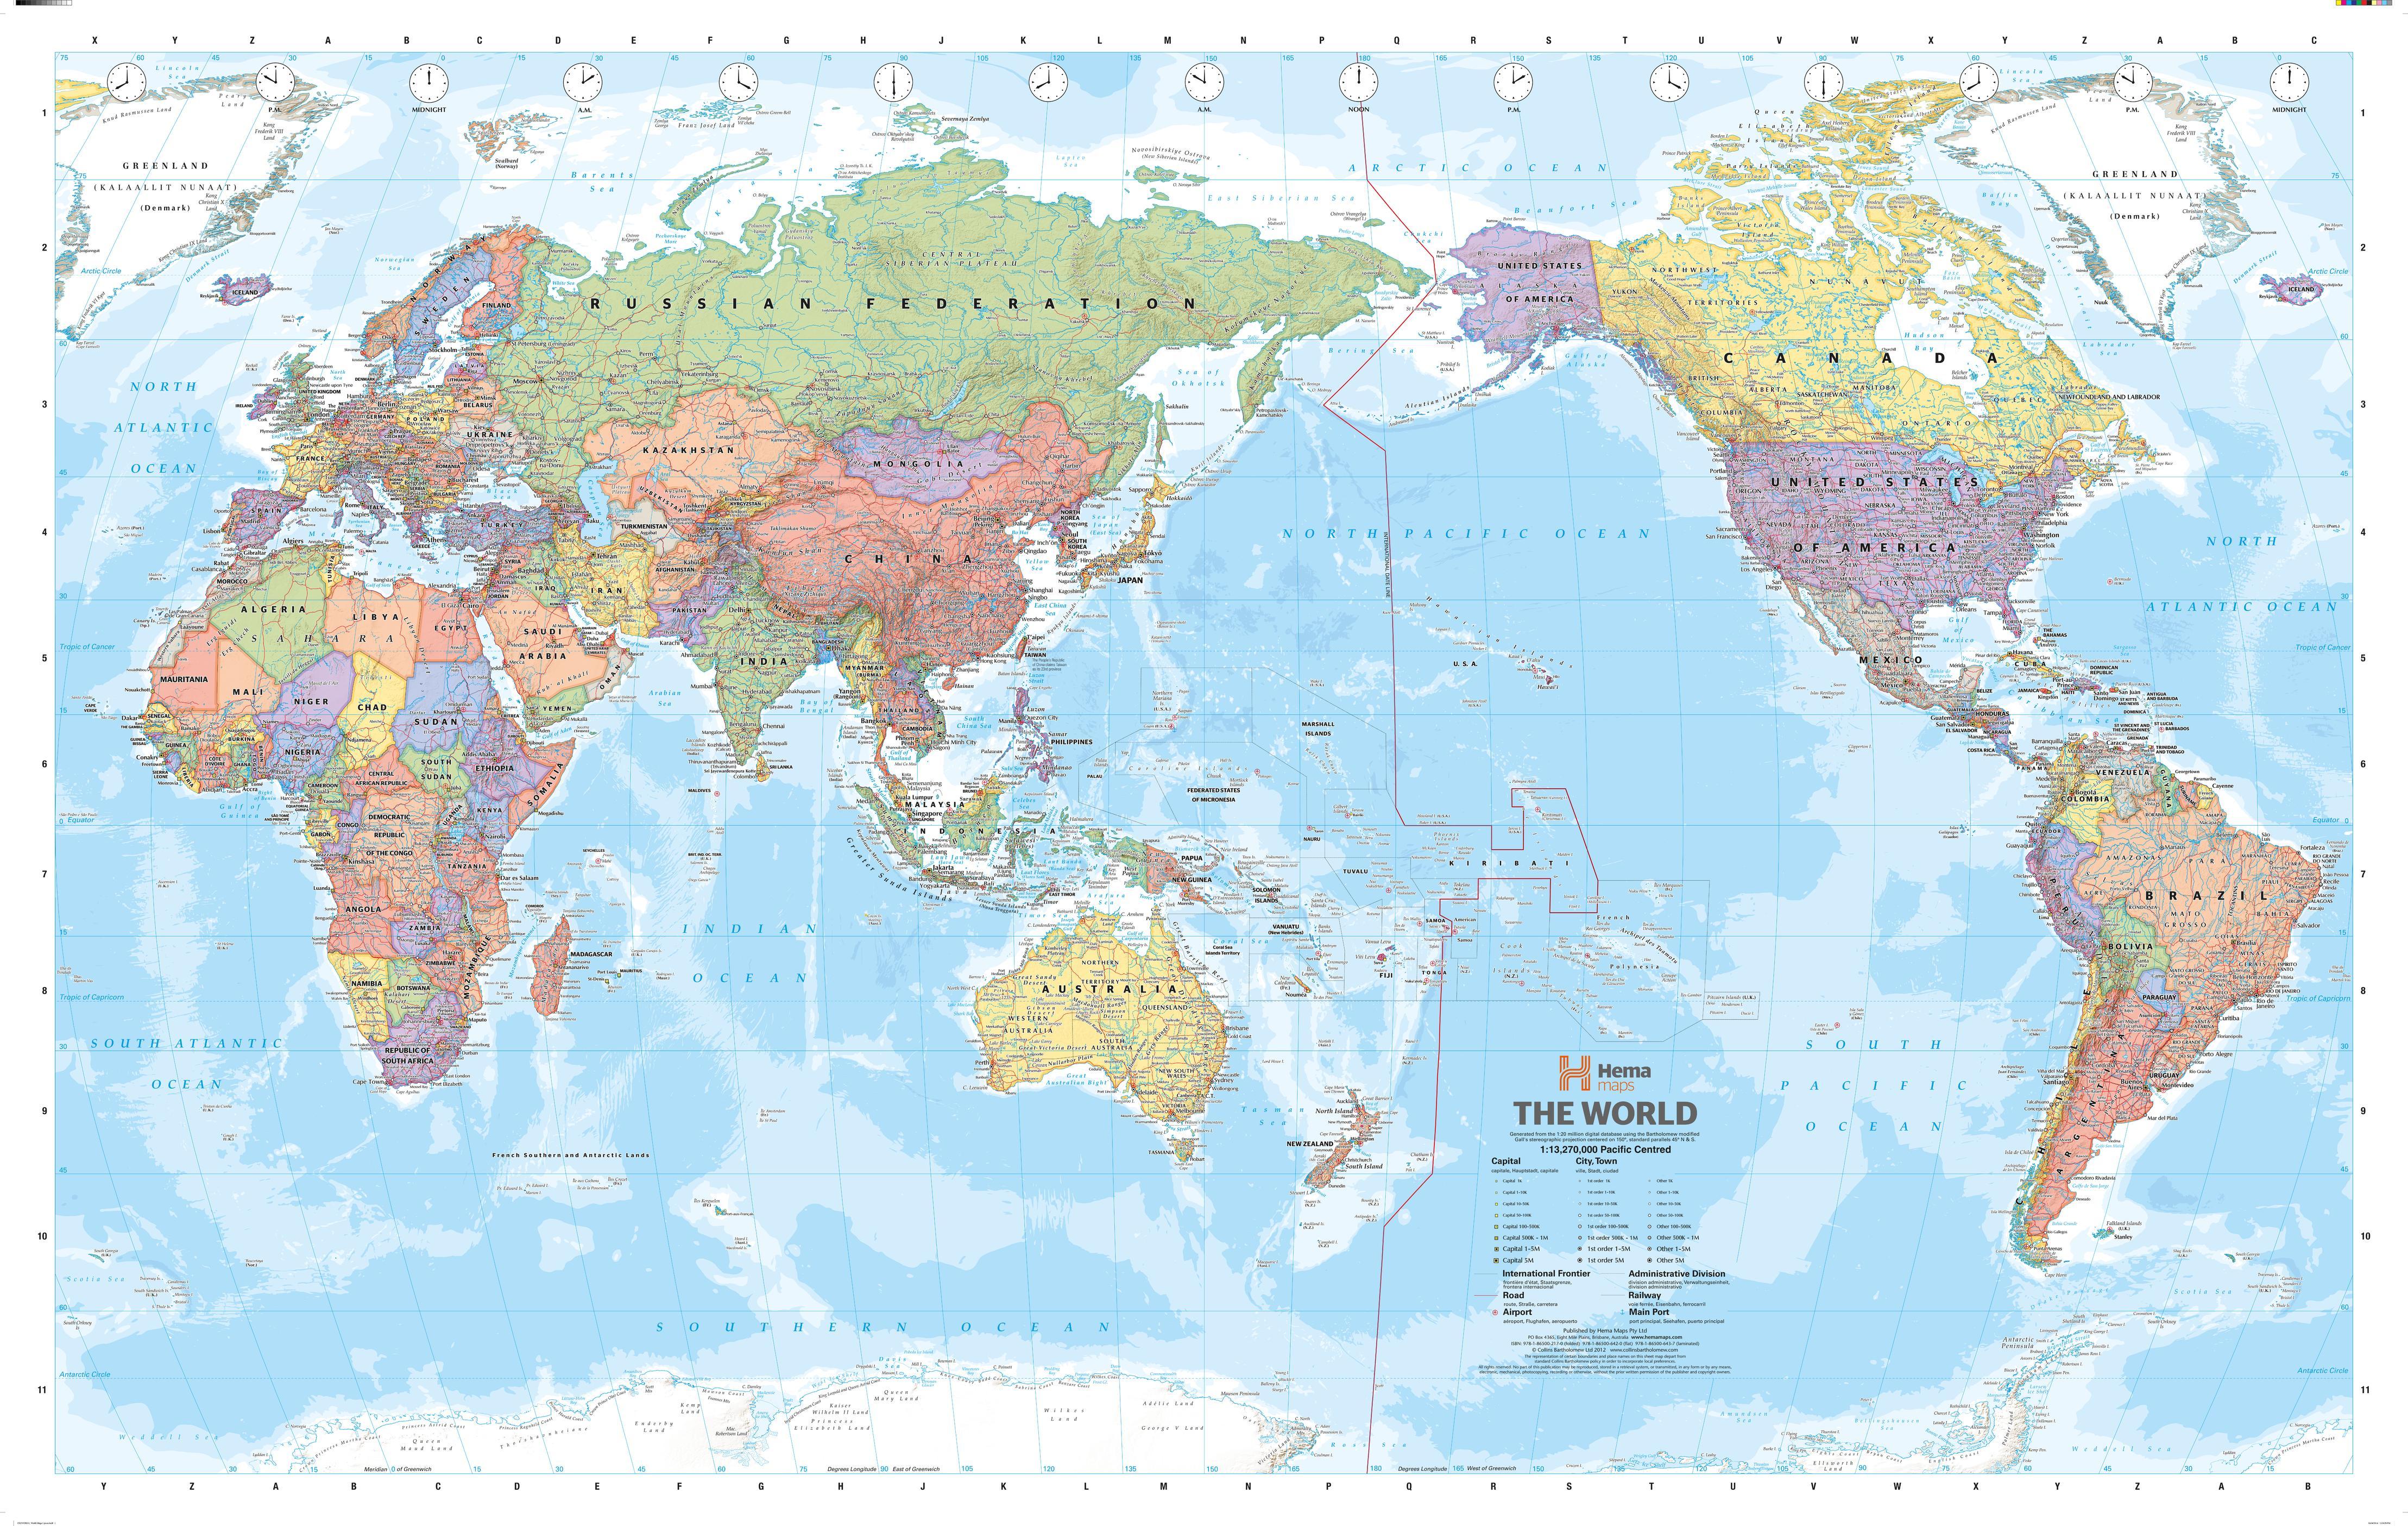 MapSherpa Hema Maps